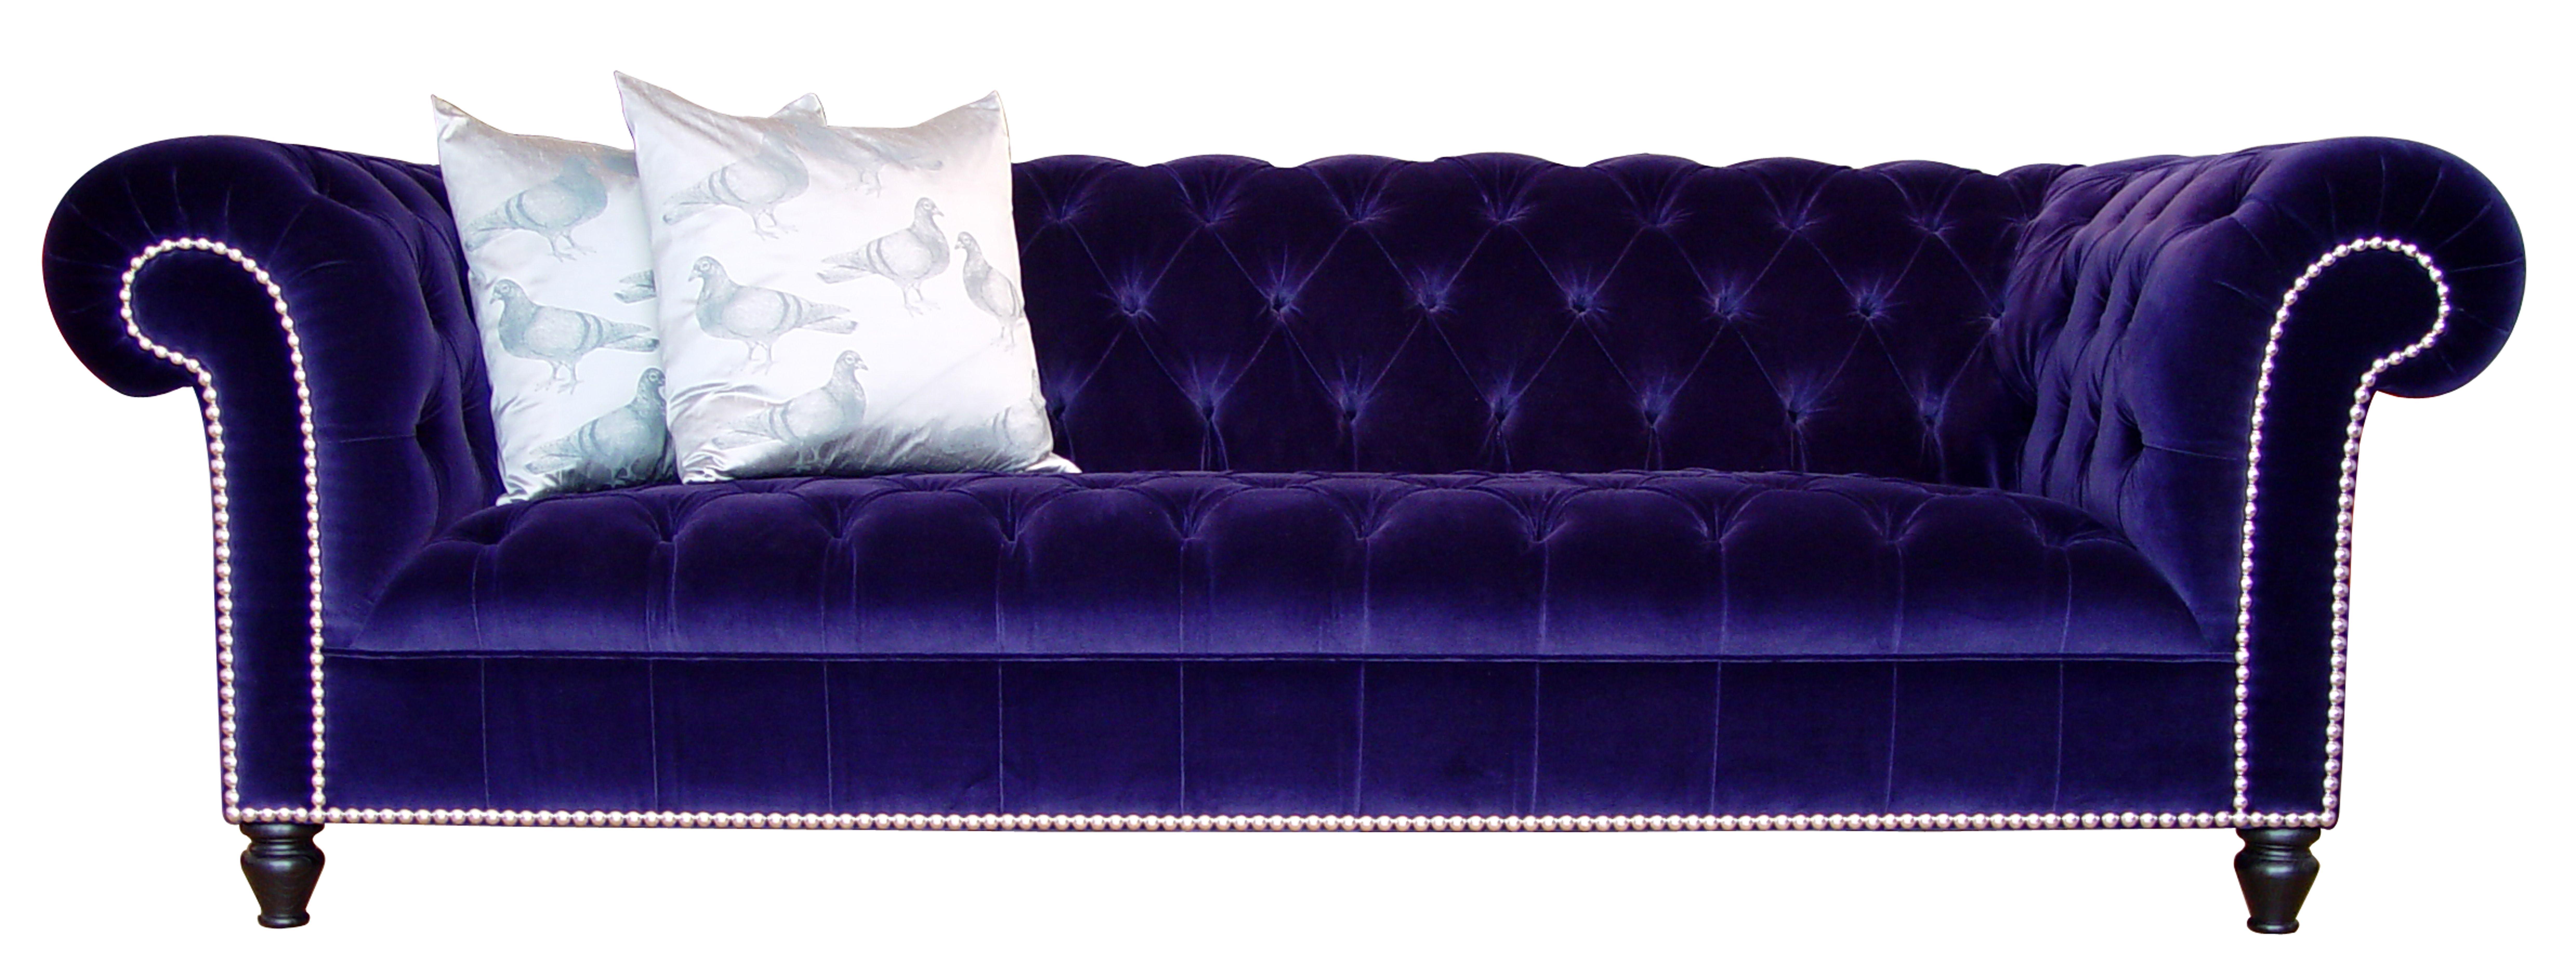 Purple Velvet Chesterfield Sofa Ashley Velvet Chesterfield Sofa Abode Sofas TheSofa